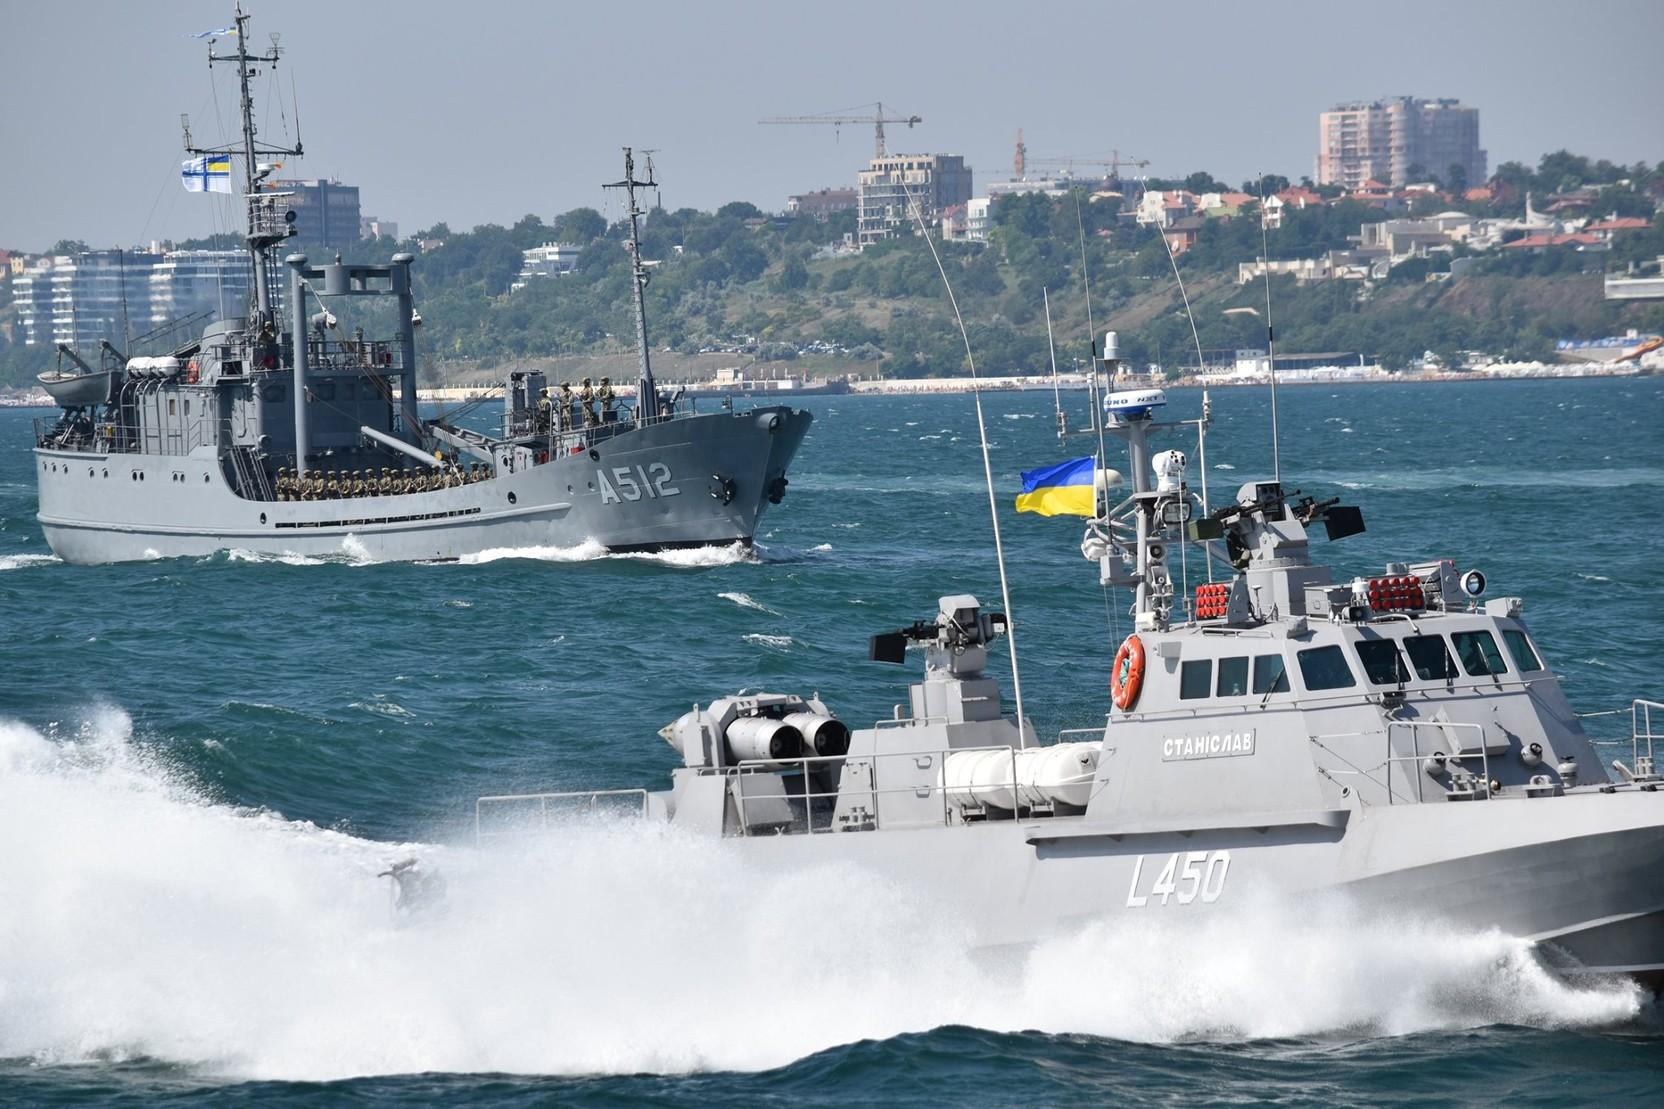 ВМС Украины провели учения в Черном море с американским кораблем береговой охраны